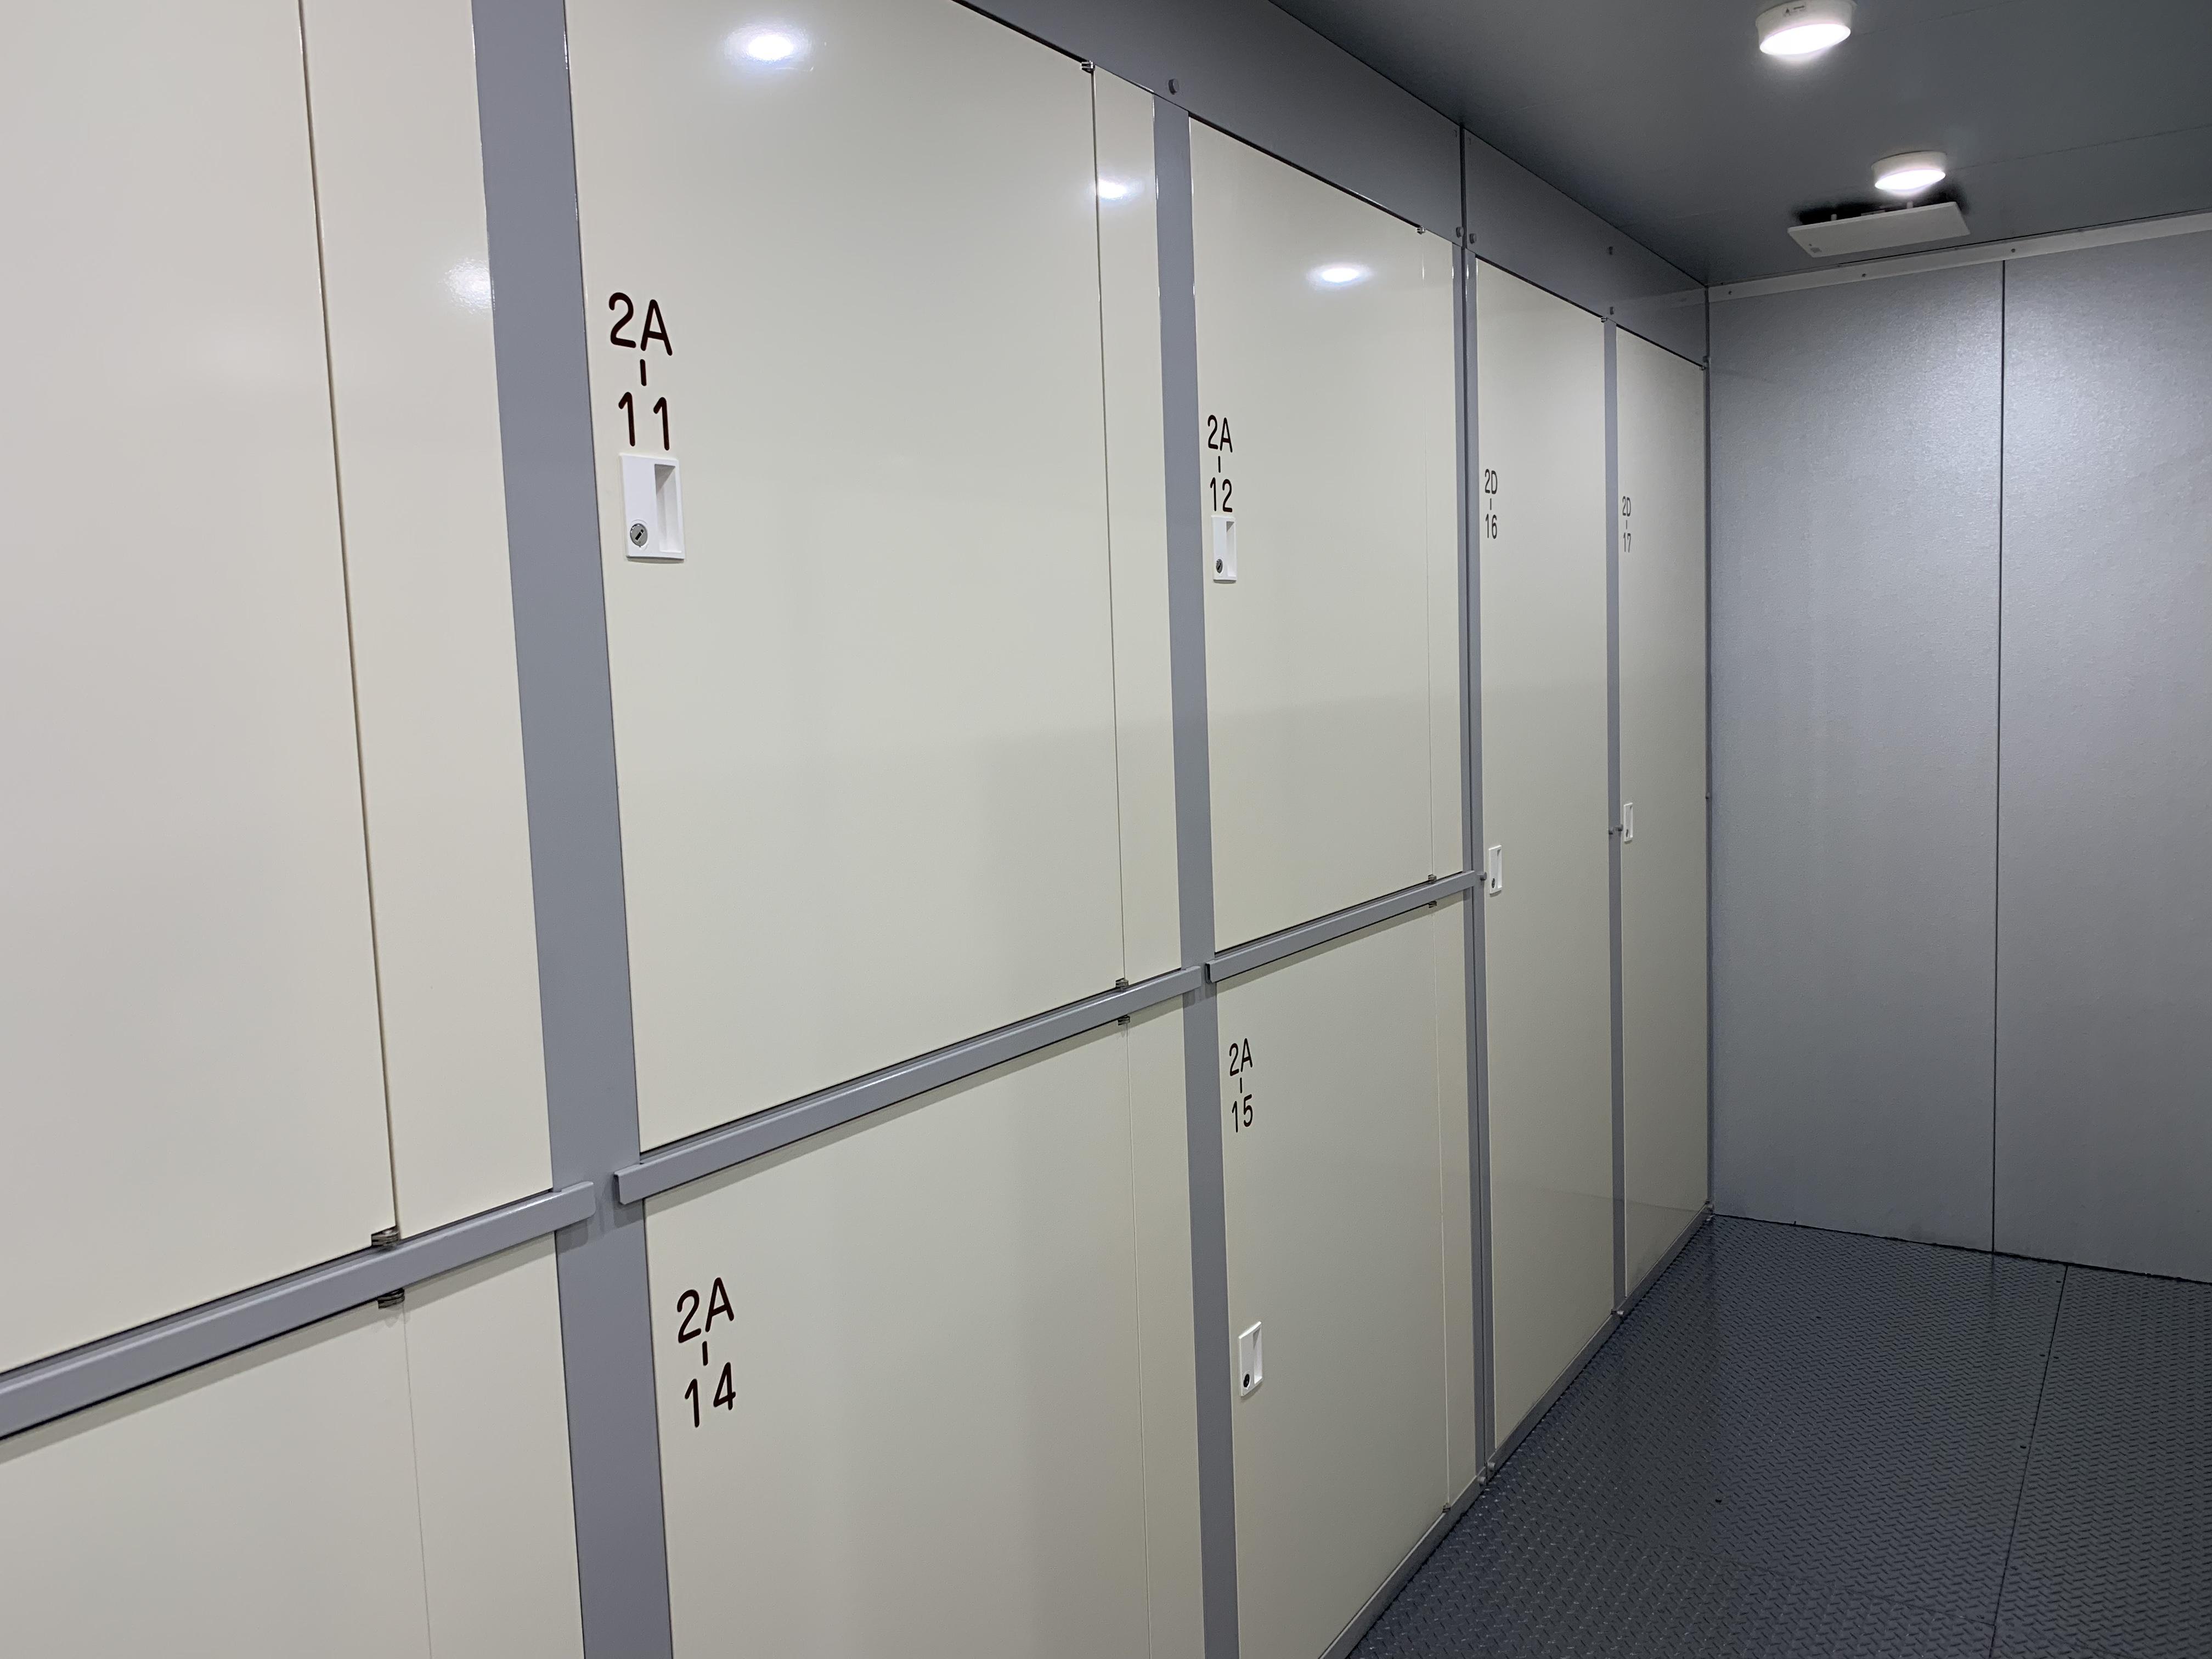 東銀座店 2Aタイプ(箱タイプ)